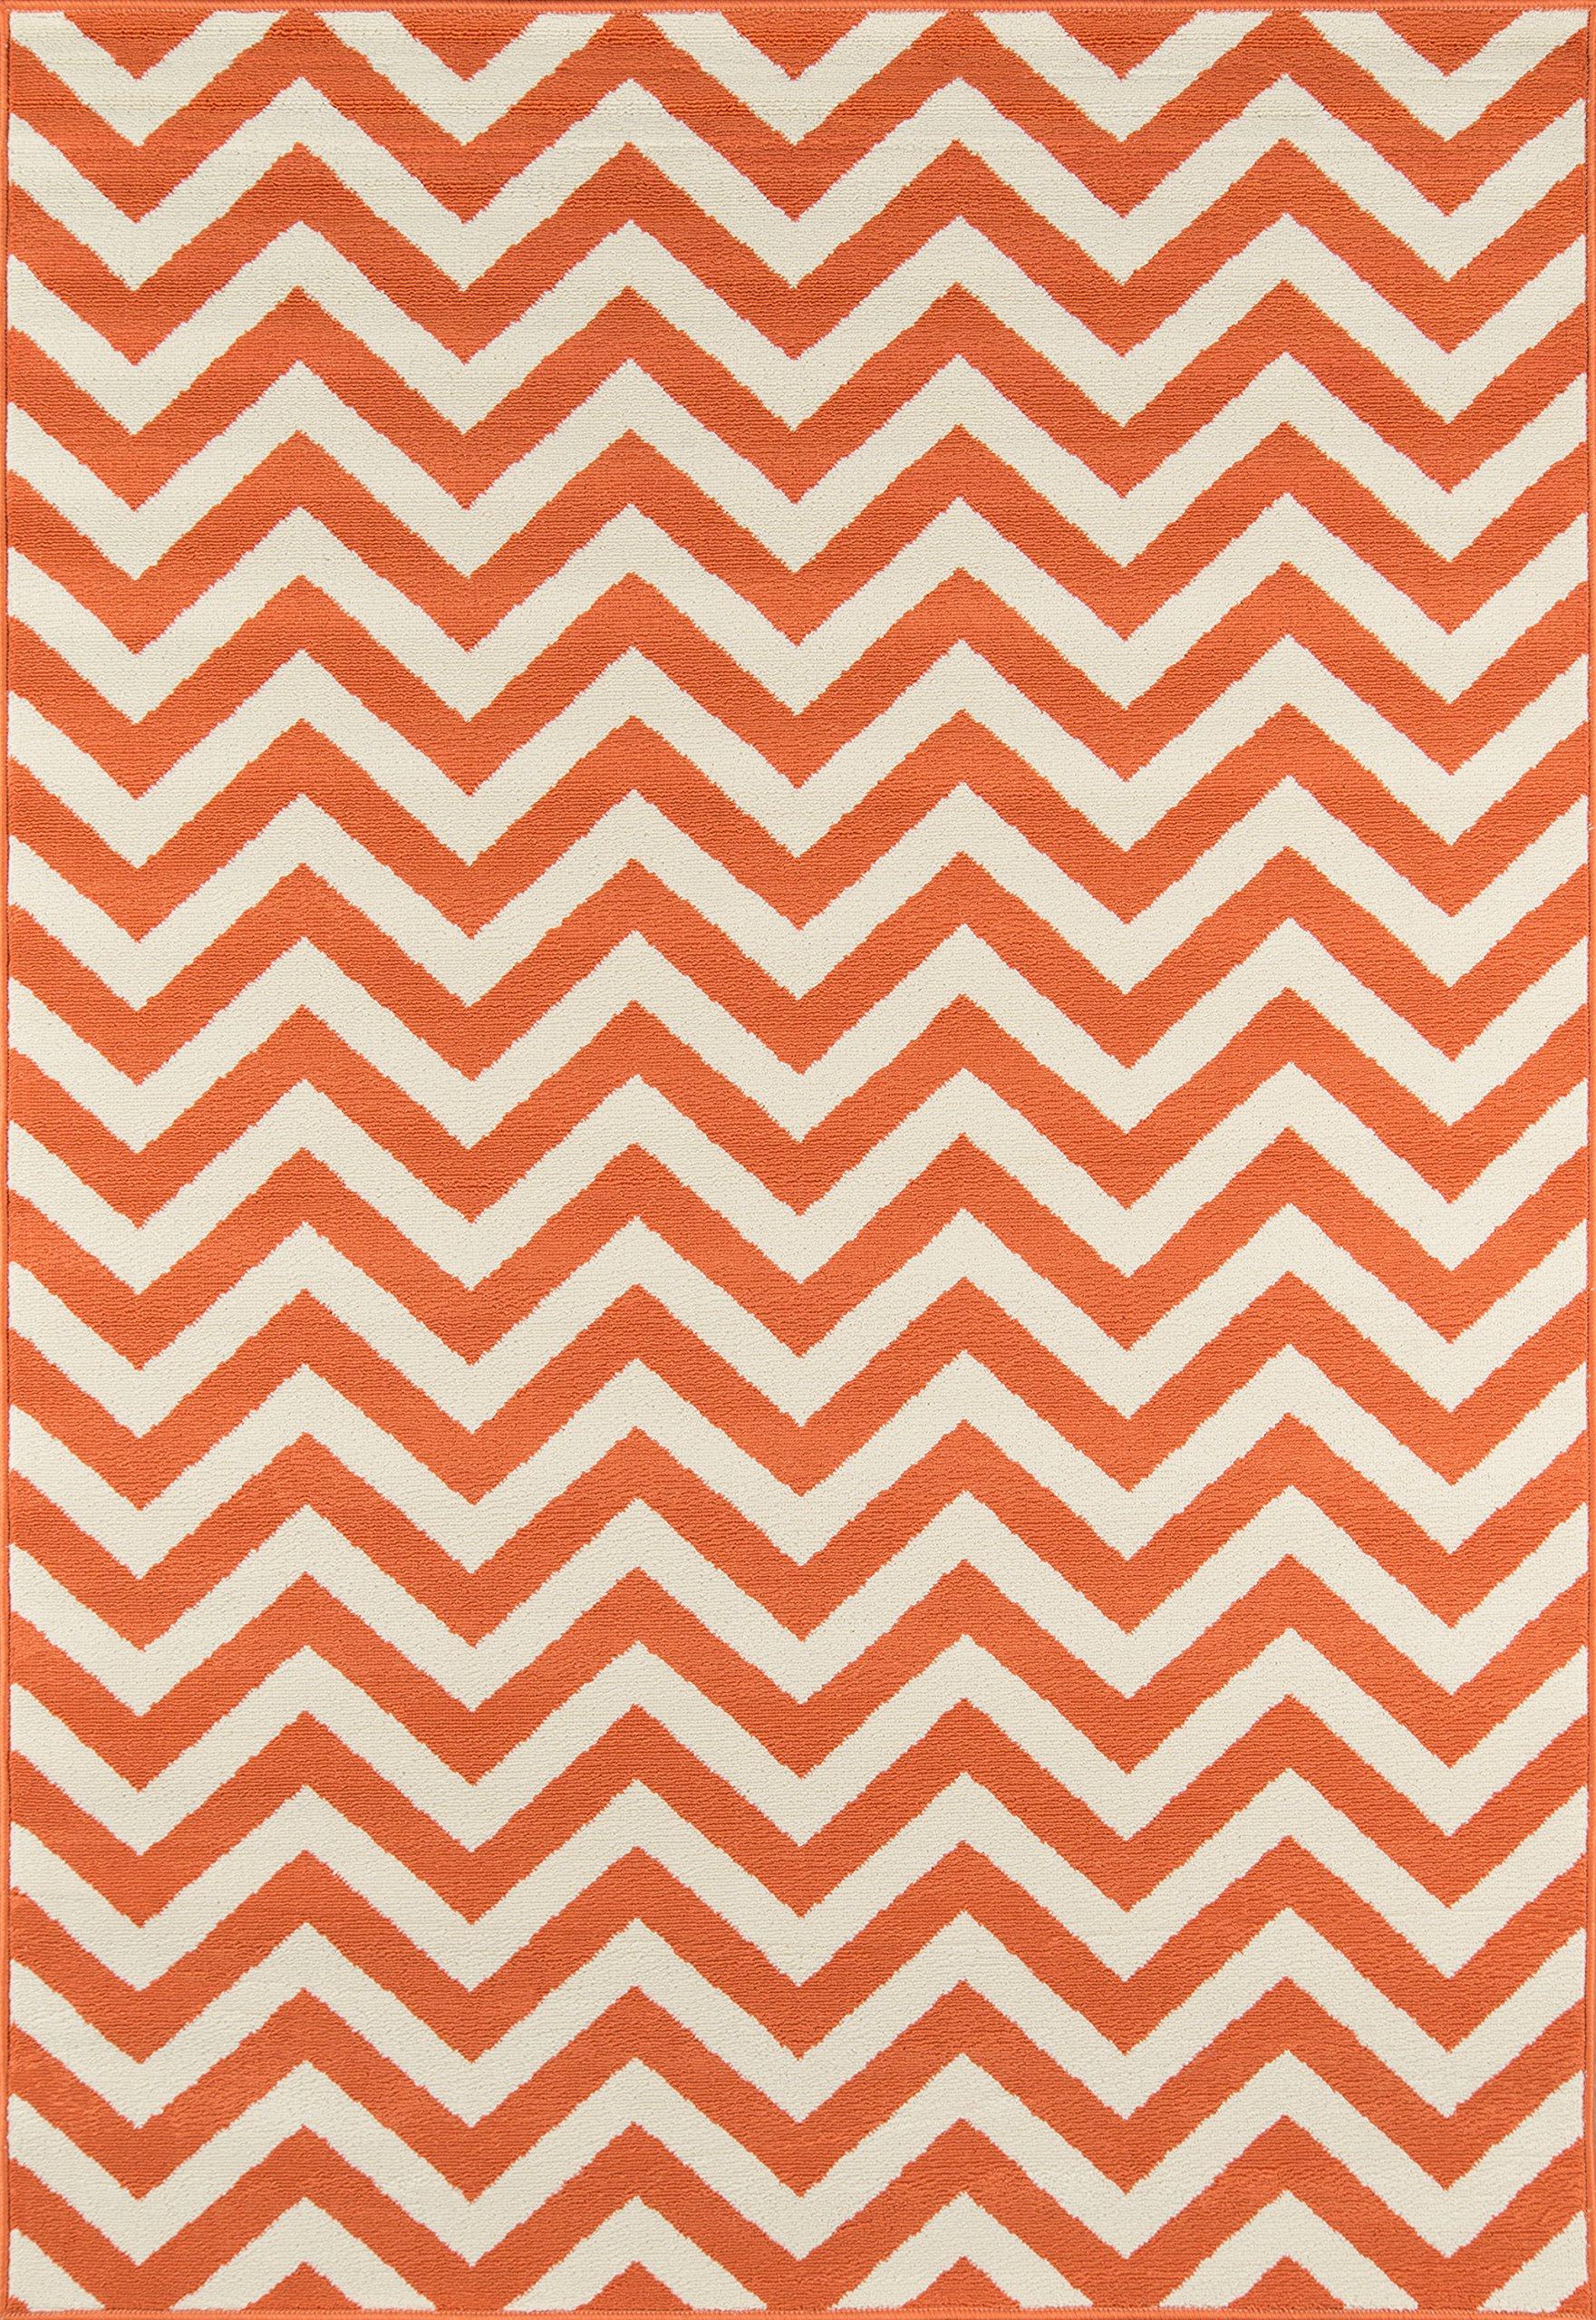 Nolita Rugs Nicky Polypropylene Orange Indoor/Outdoor Rug 7'10'' X 10'10''